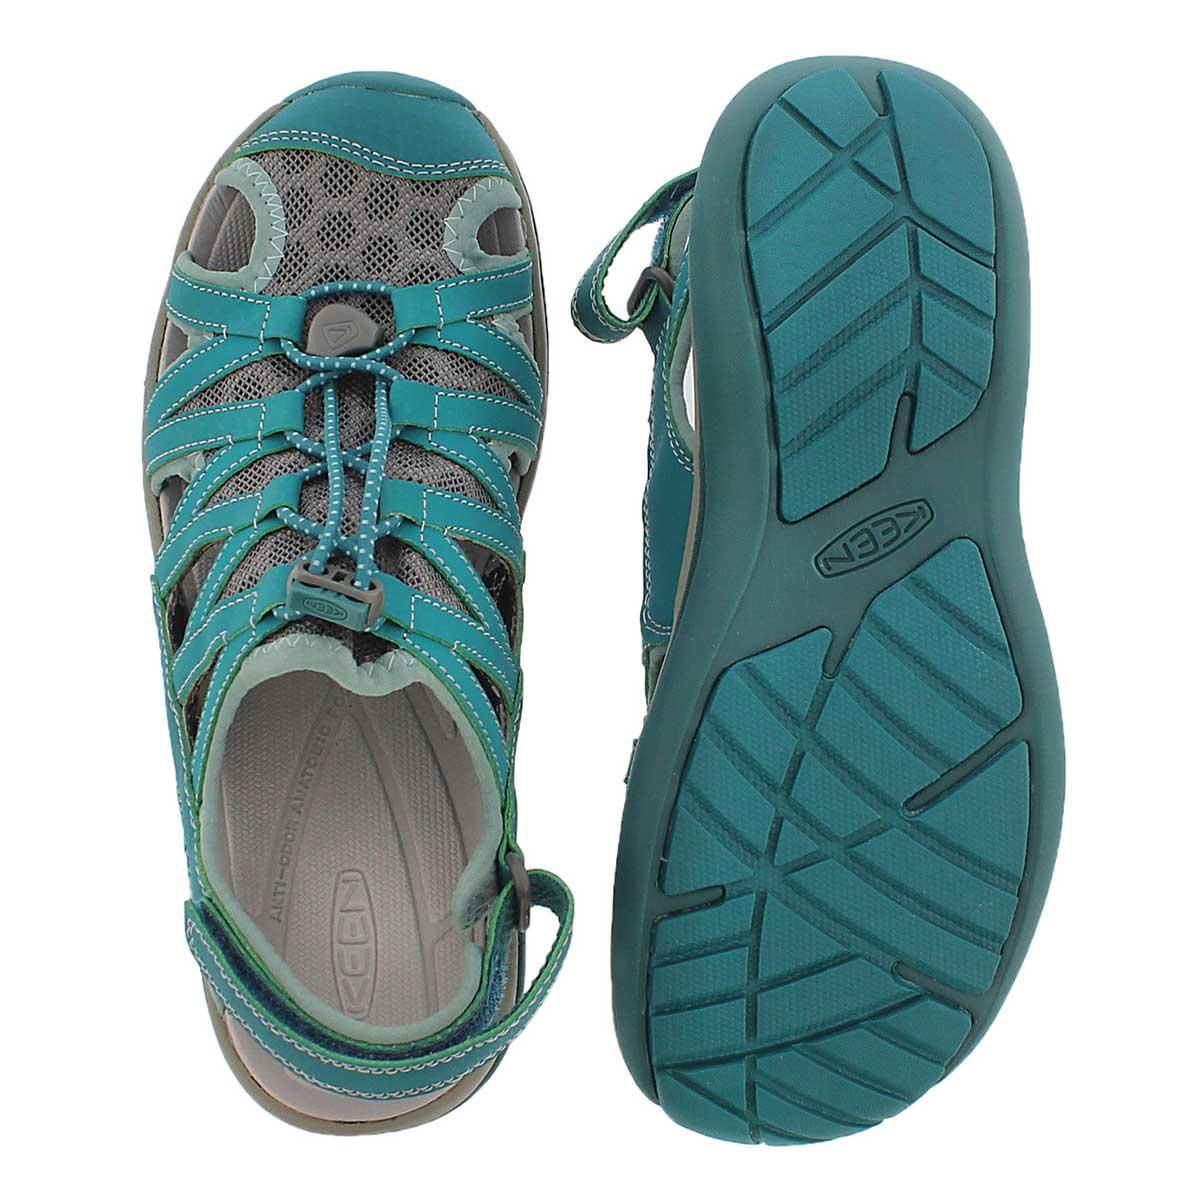 Lds Sage everglade sport sandal